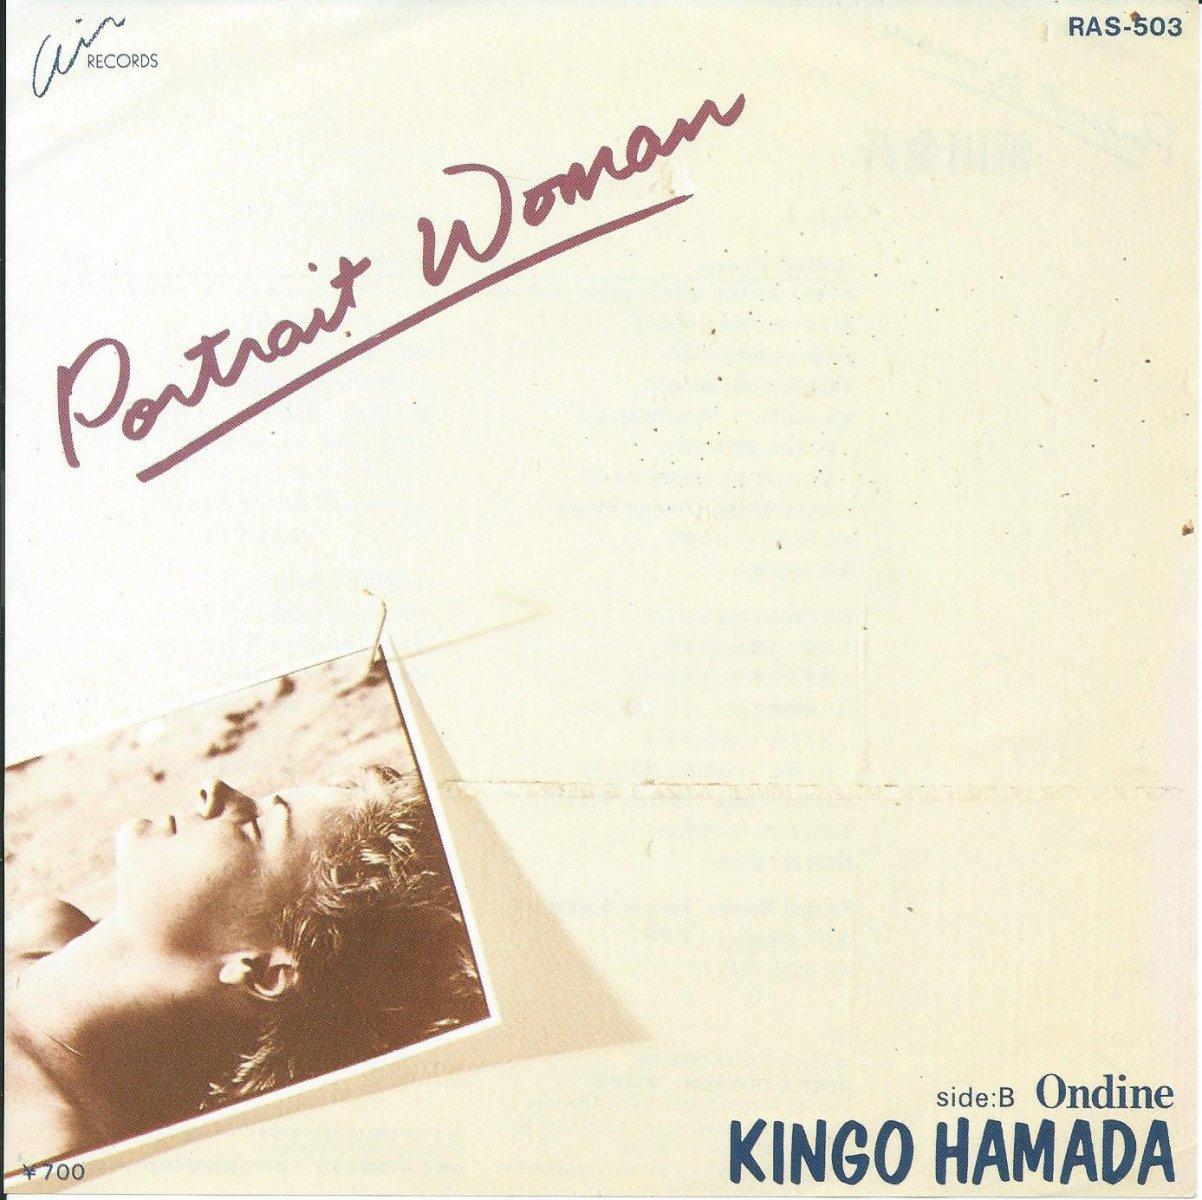 浜田金吾 (濱田金吾) KINGO HAMADA / ポートレート・ウーマン PORTRAIT WOMAN / オンディーヌ ONDINE (7